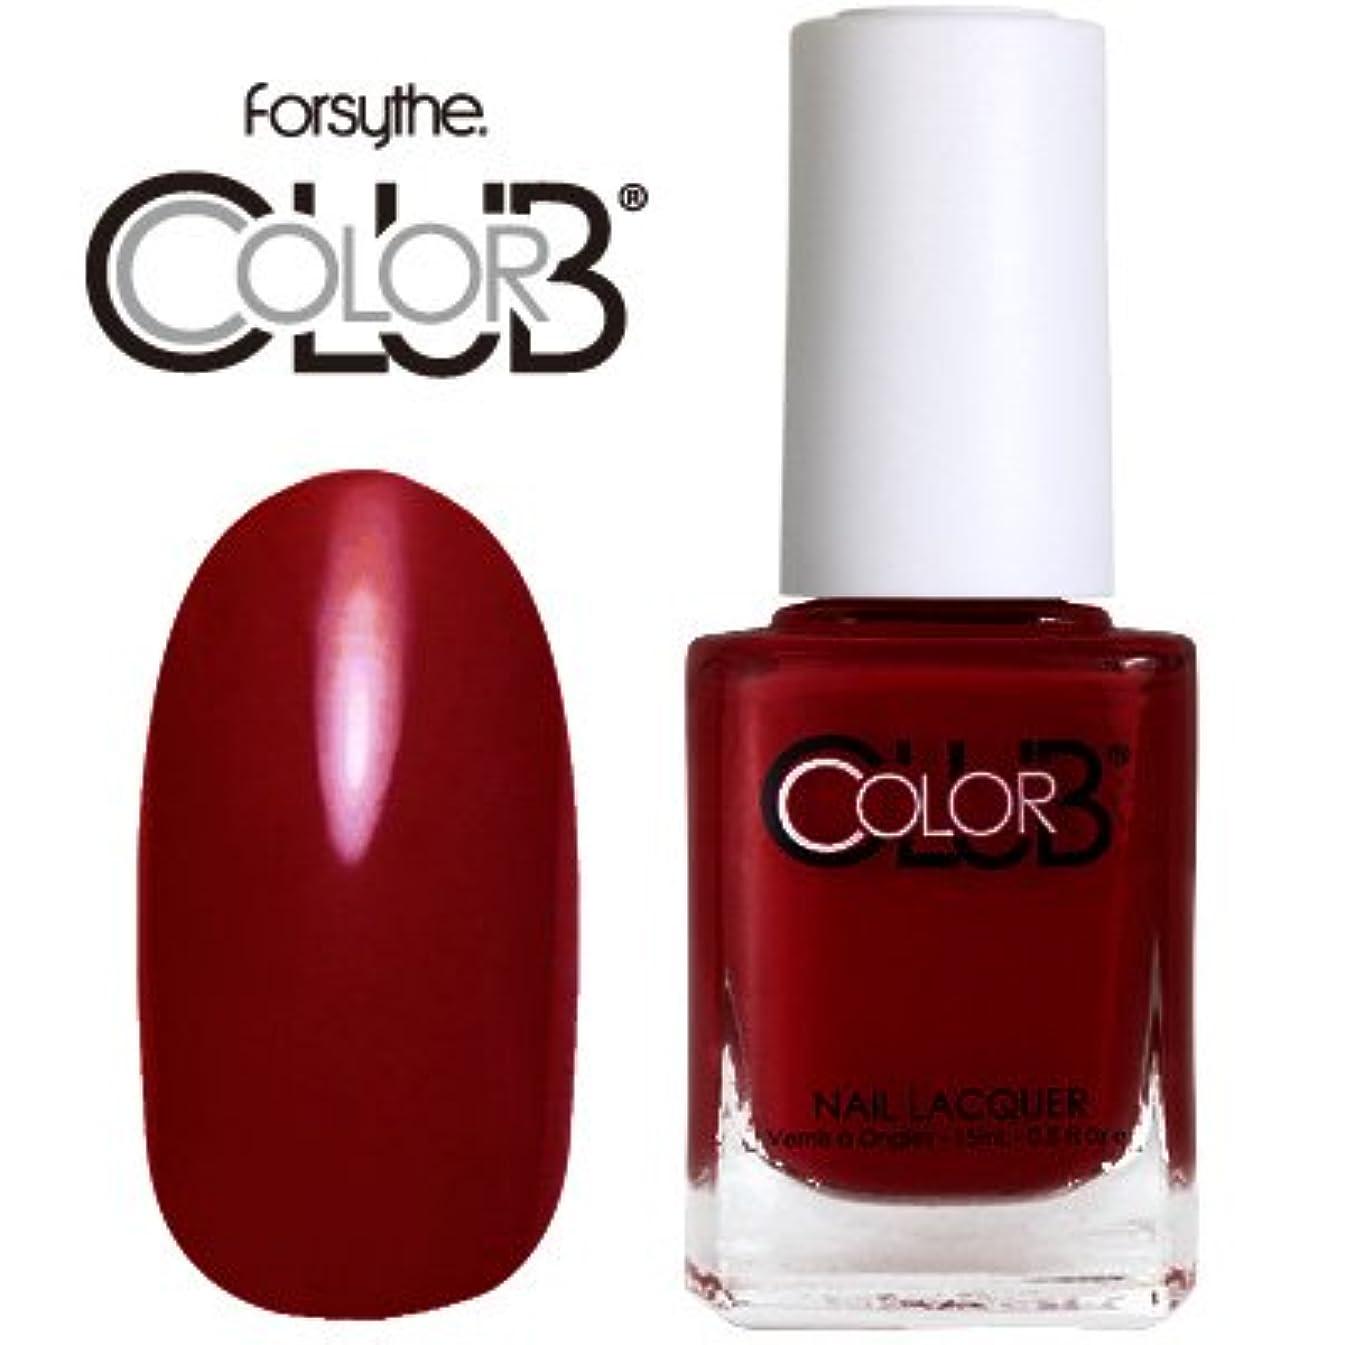 フォーサイス カラークラブ 920/Red-ical Gypsy 【forsythe COLOR CLUB】【ネイルラッカー】【マニキュア】